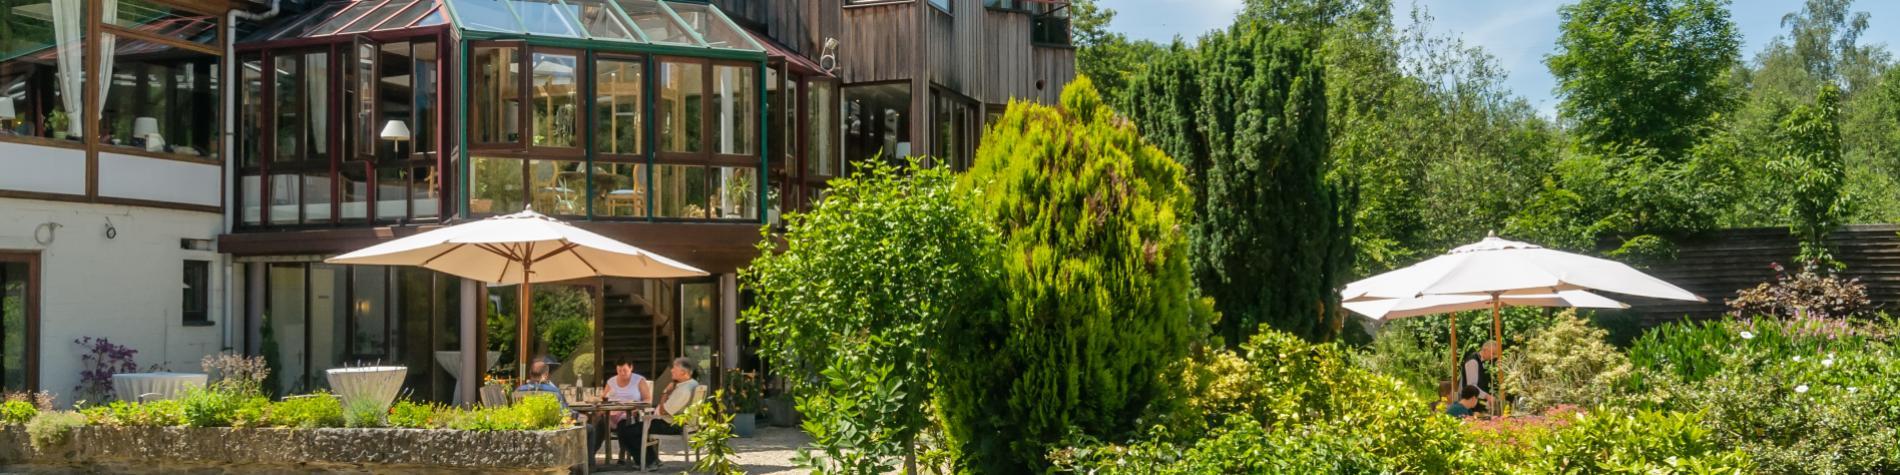 Ontdek Hostellerie La Claire Fontaine in La Roche-en-Ardenne